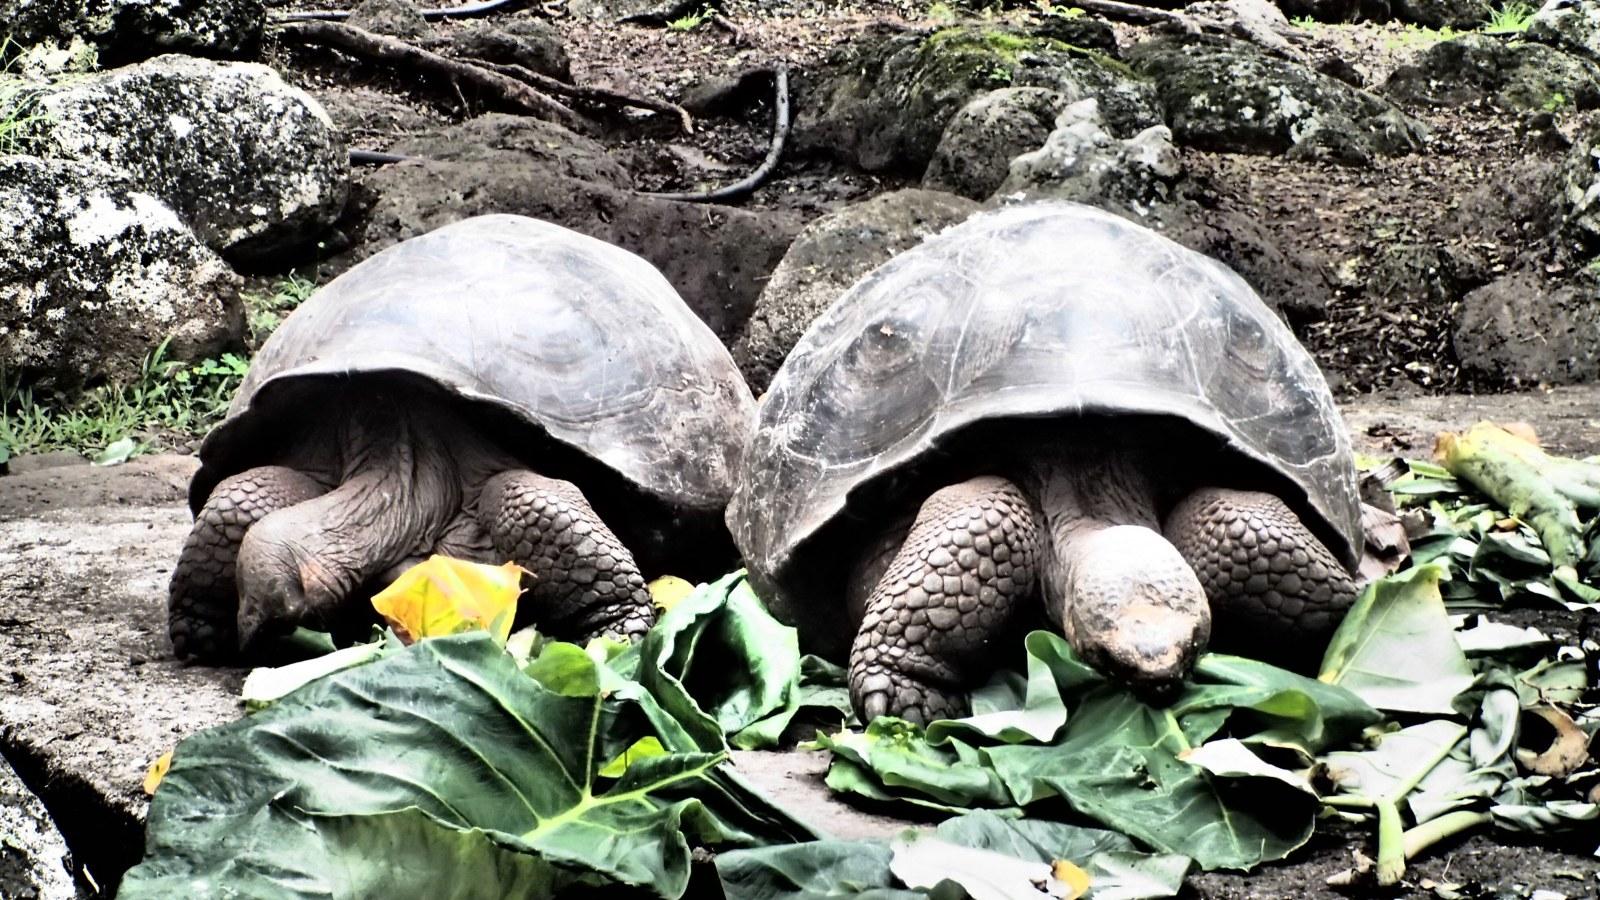 Giant Turtles, Santa Cruz Island, Galapagos, Ecuador, Supplier